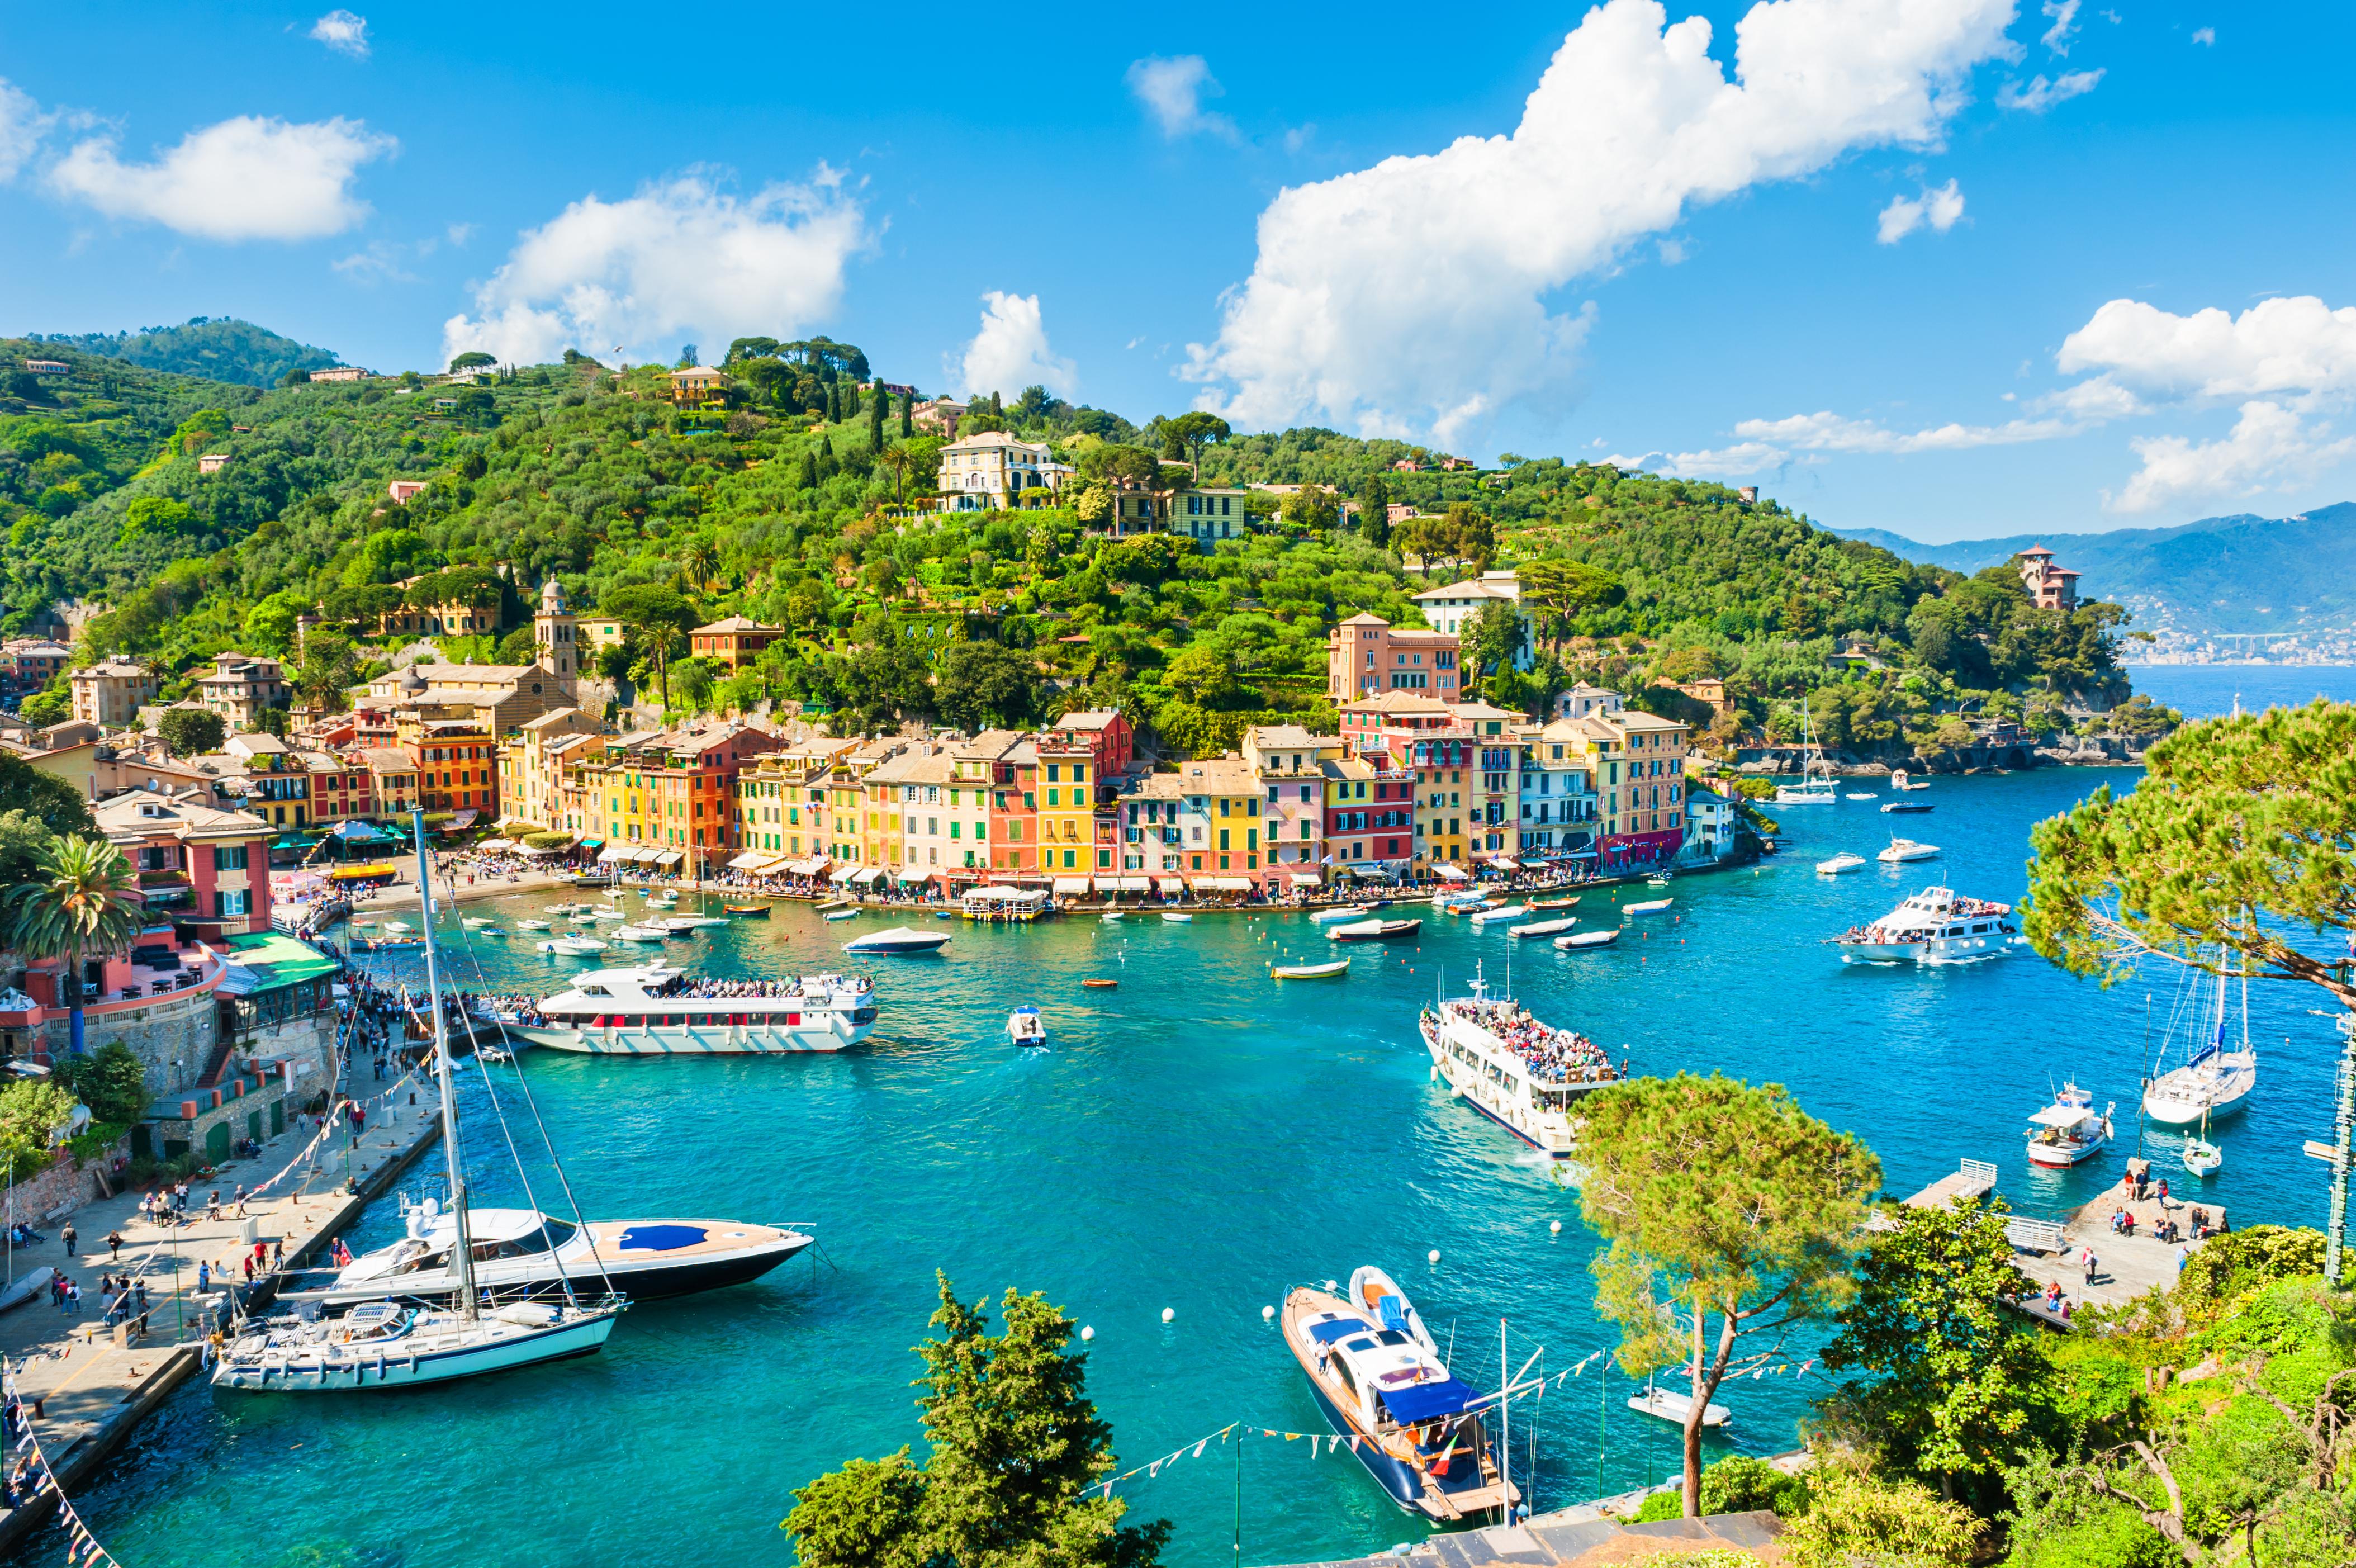 Descubre el glamuroso ambiente de Portofino - Italia Circuito Lo mejor de la Toscana